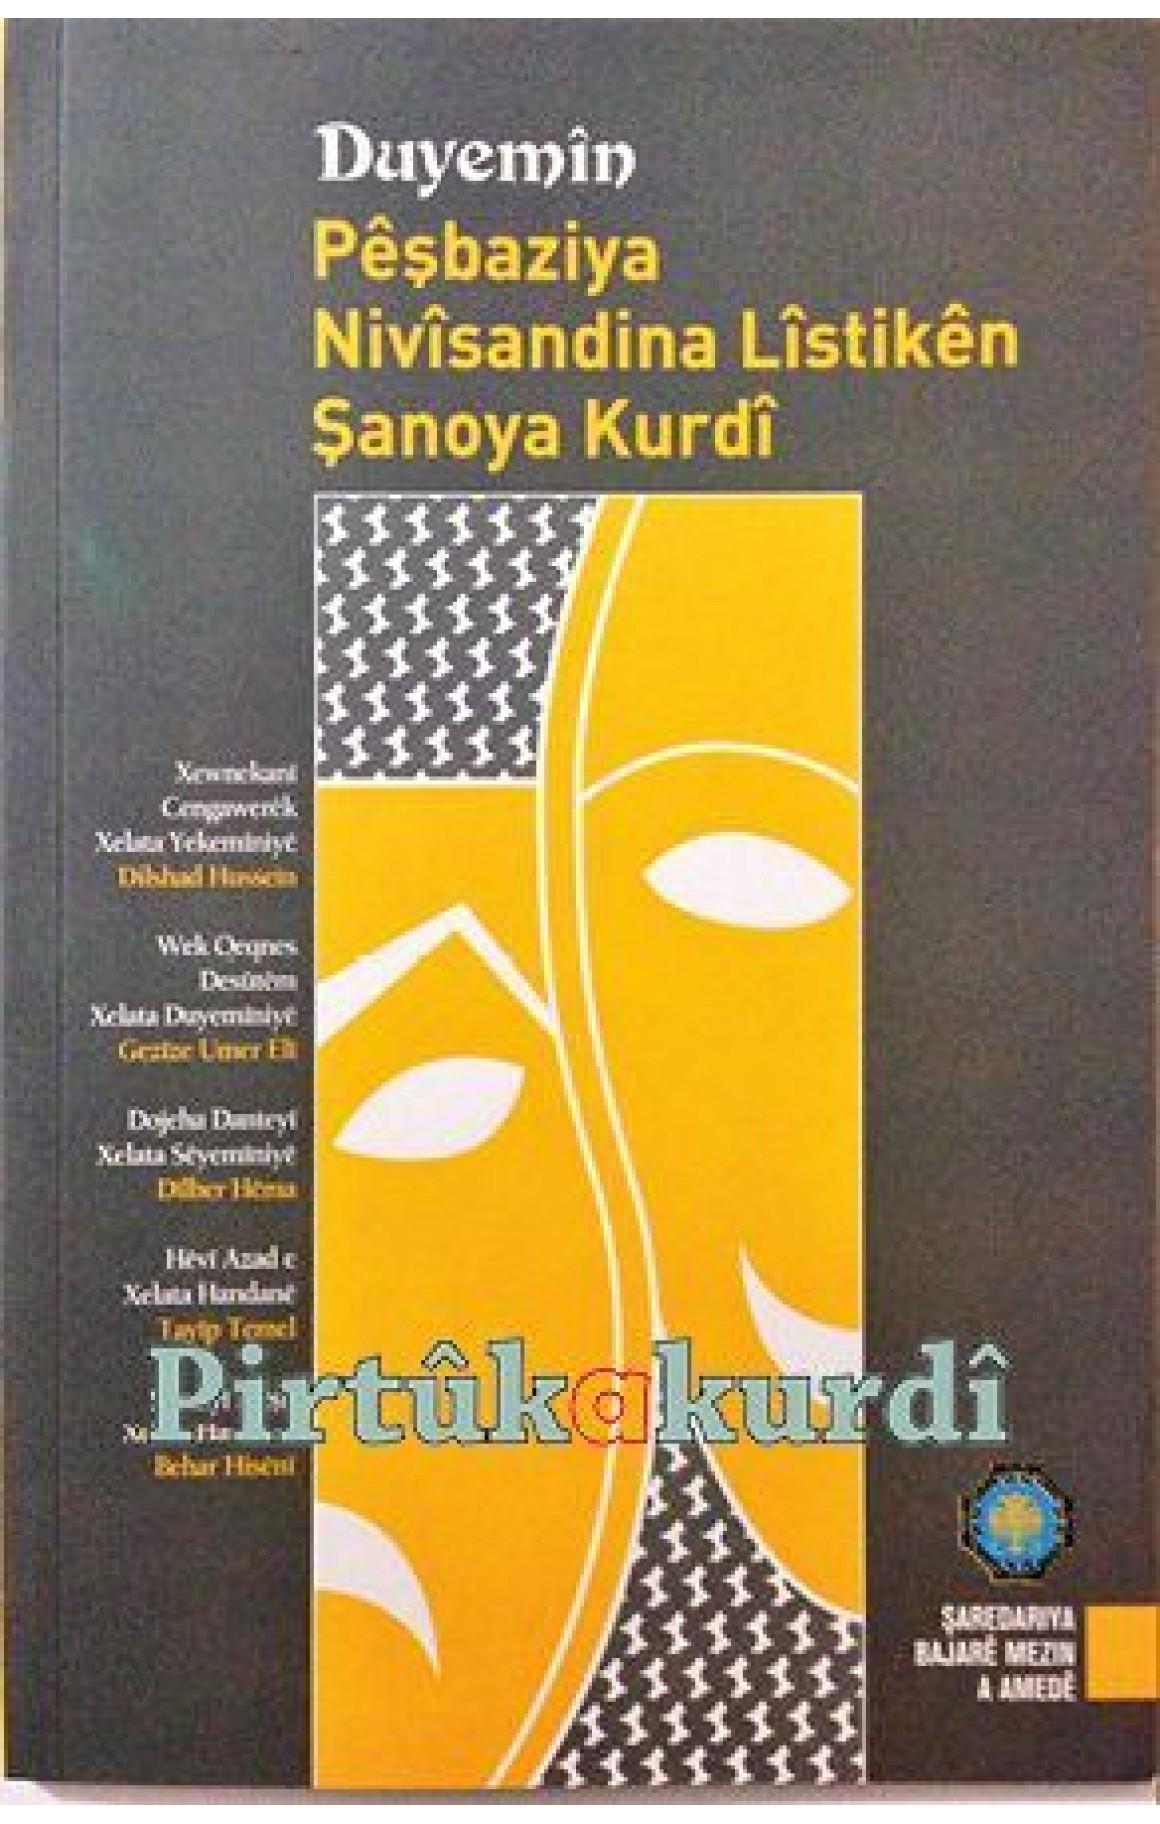 Duyemîn Pêşbaziya Nivîsandina Lîstikên Şanoya Kurdî